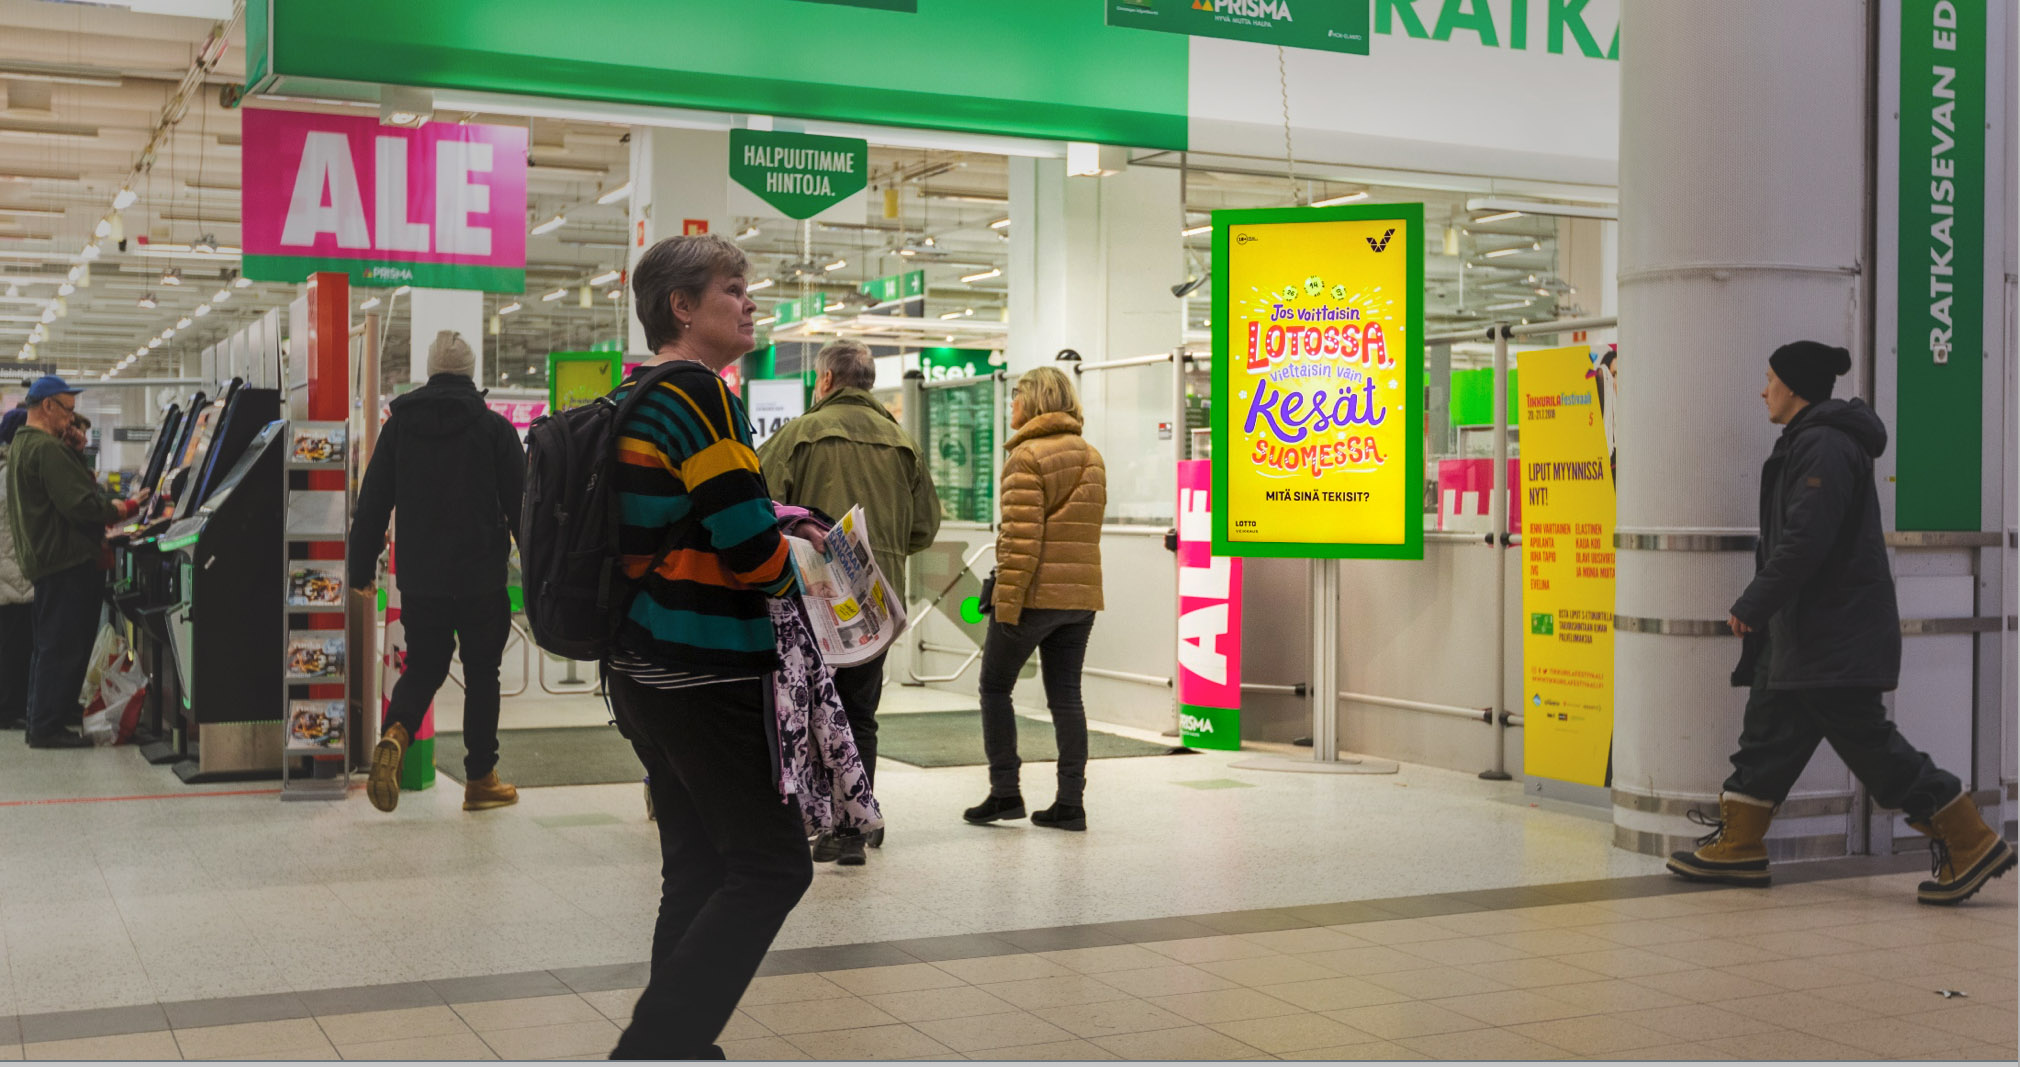 Lotto-adsell_kesät suomessa.jpg